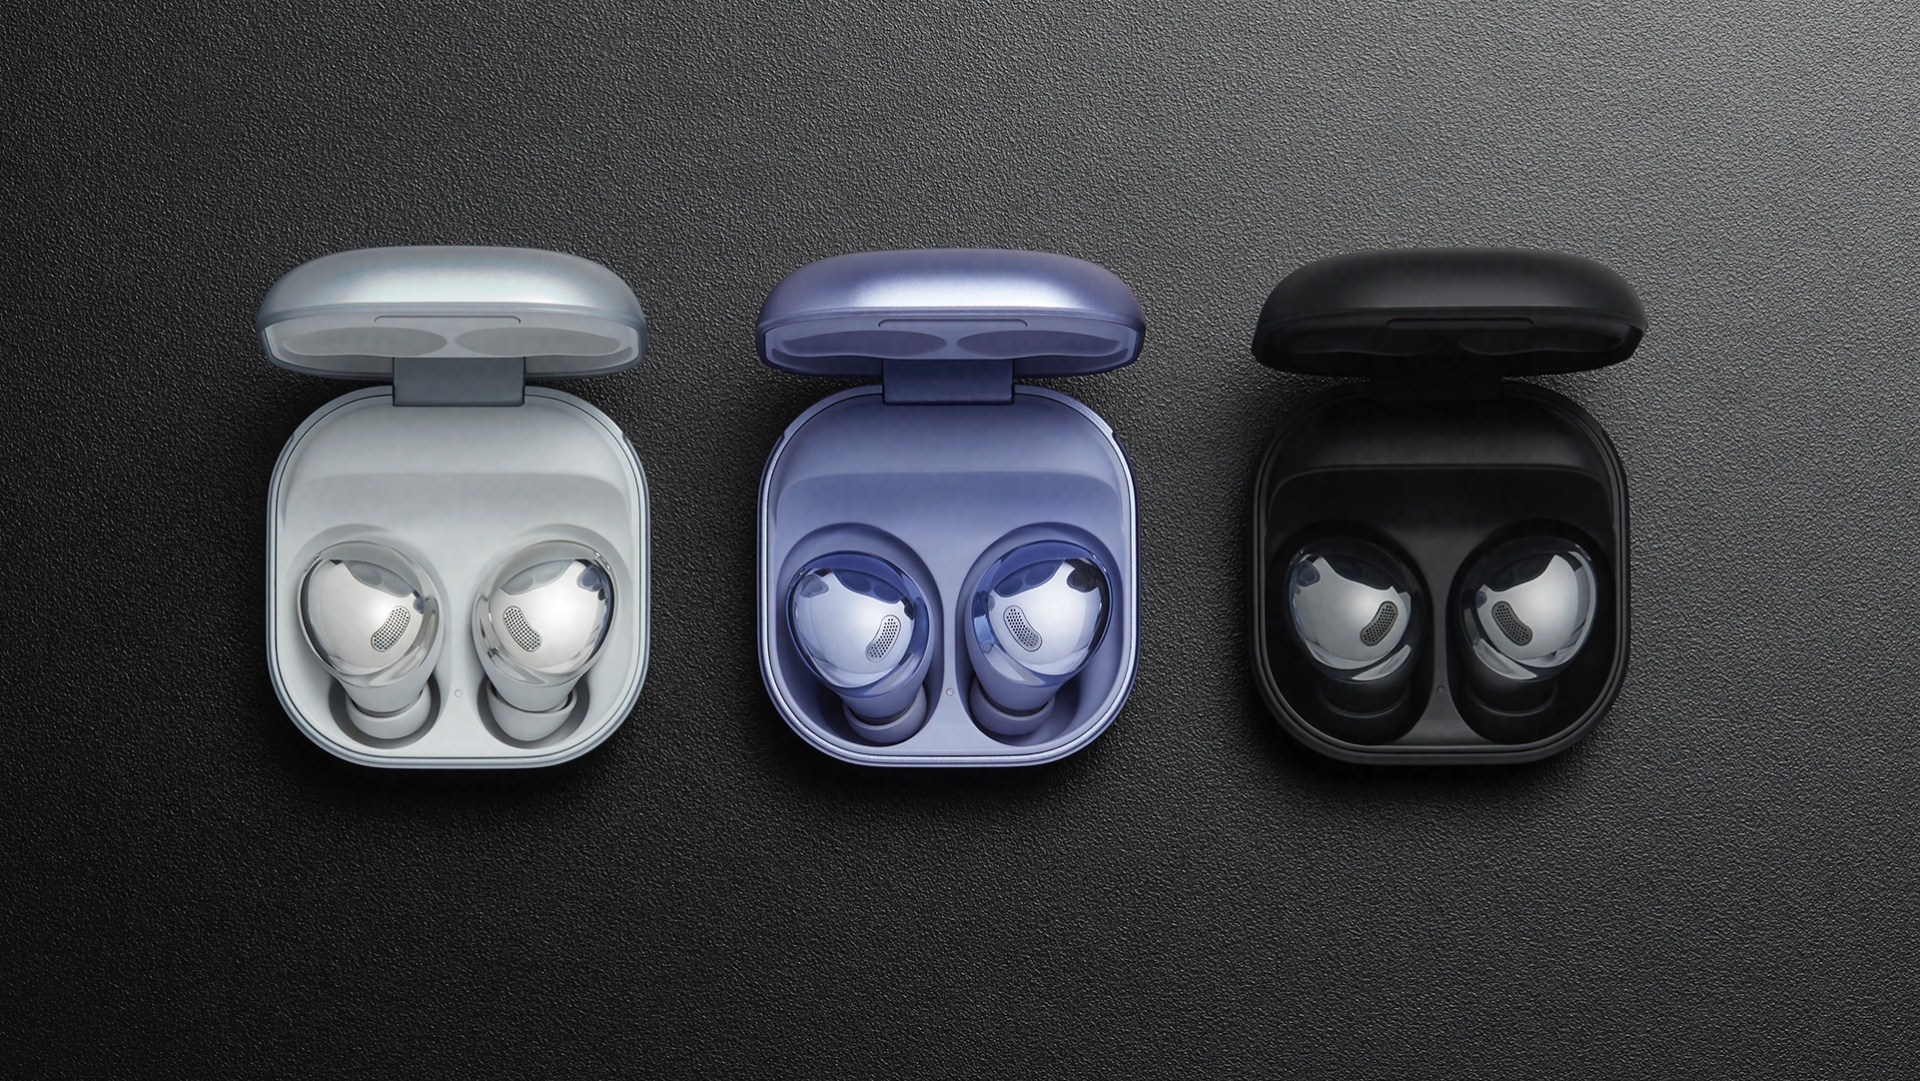 Samsung annuncia le cuffie Galaxy Buds Pro con qualità audio senza rivali 7